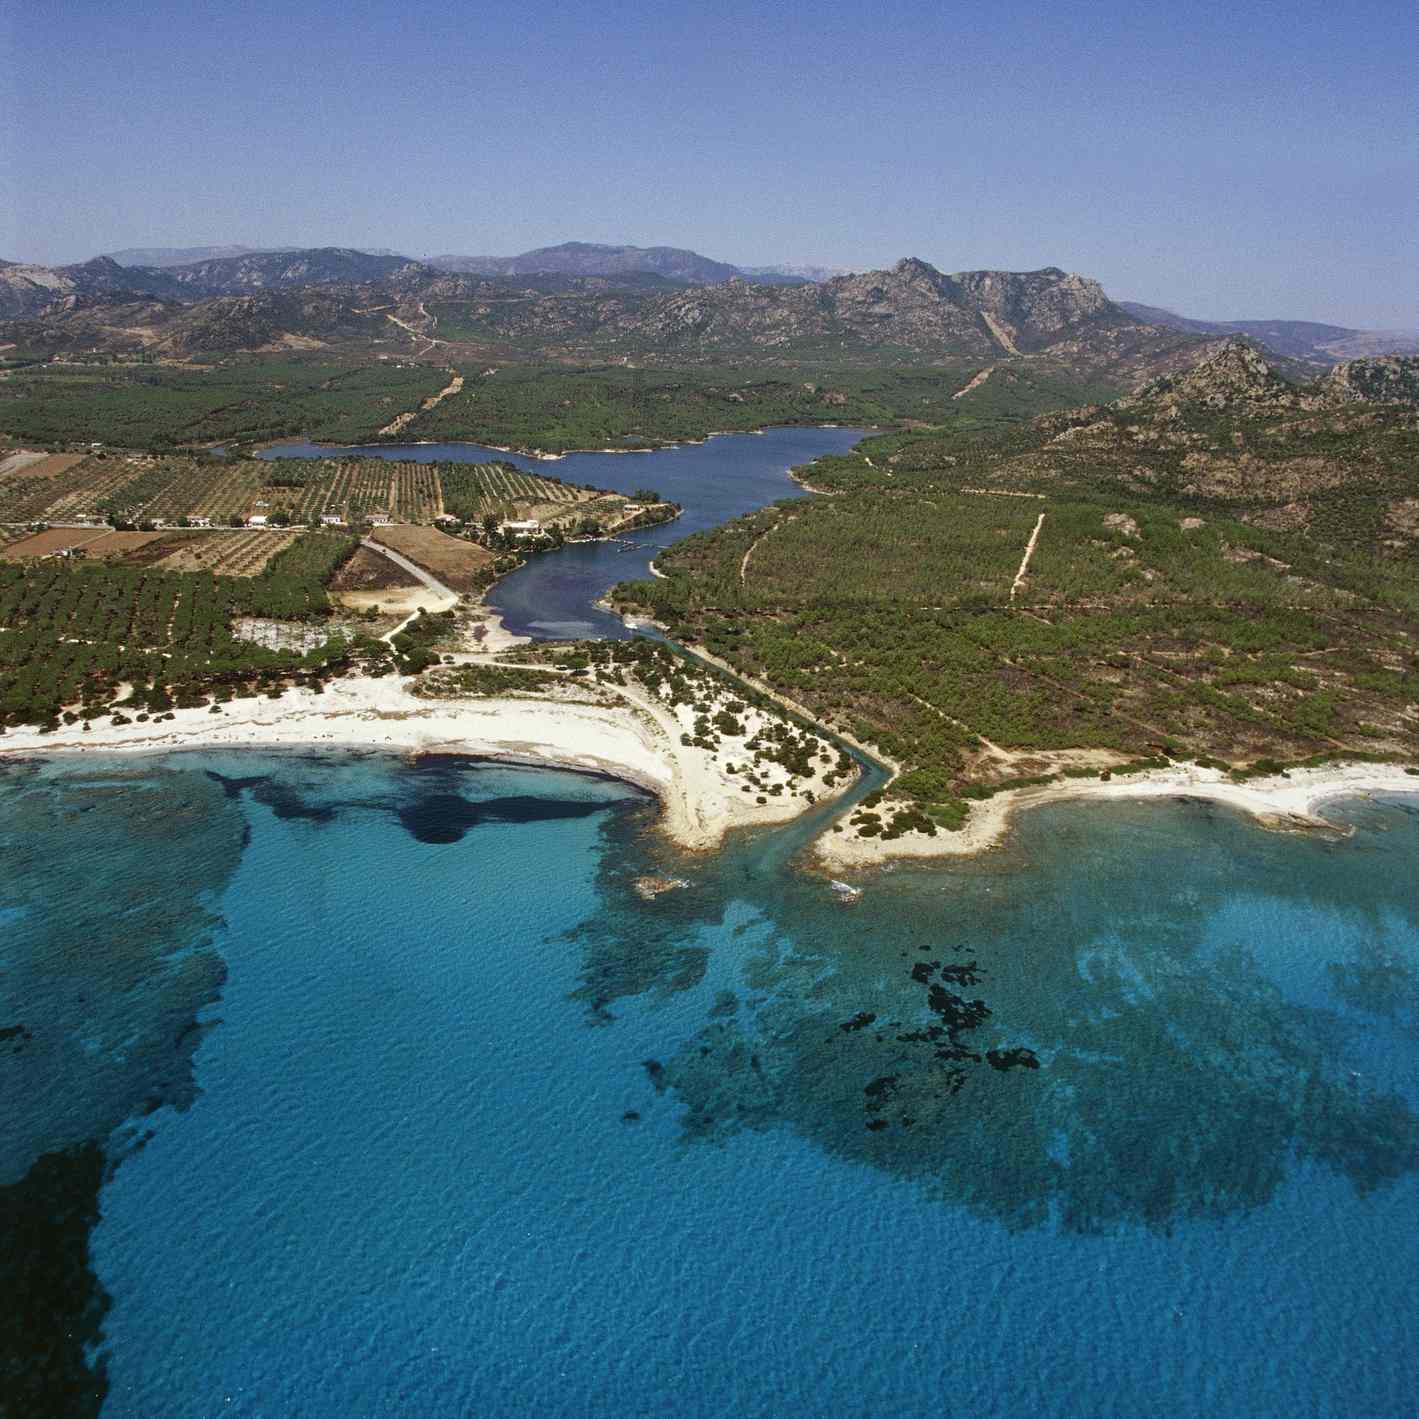 Italy, Sardinia, Province of Nuoro, Gulf of Orosei, aerial view